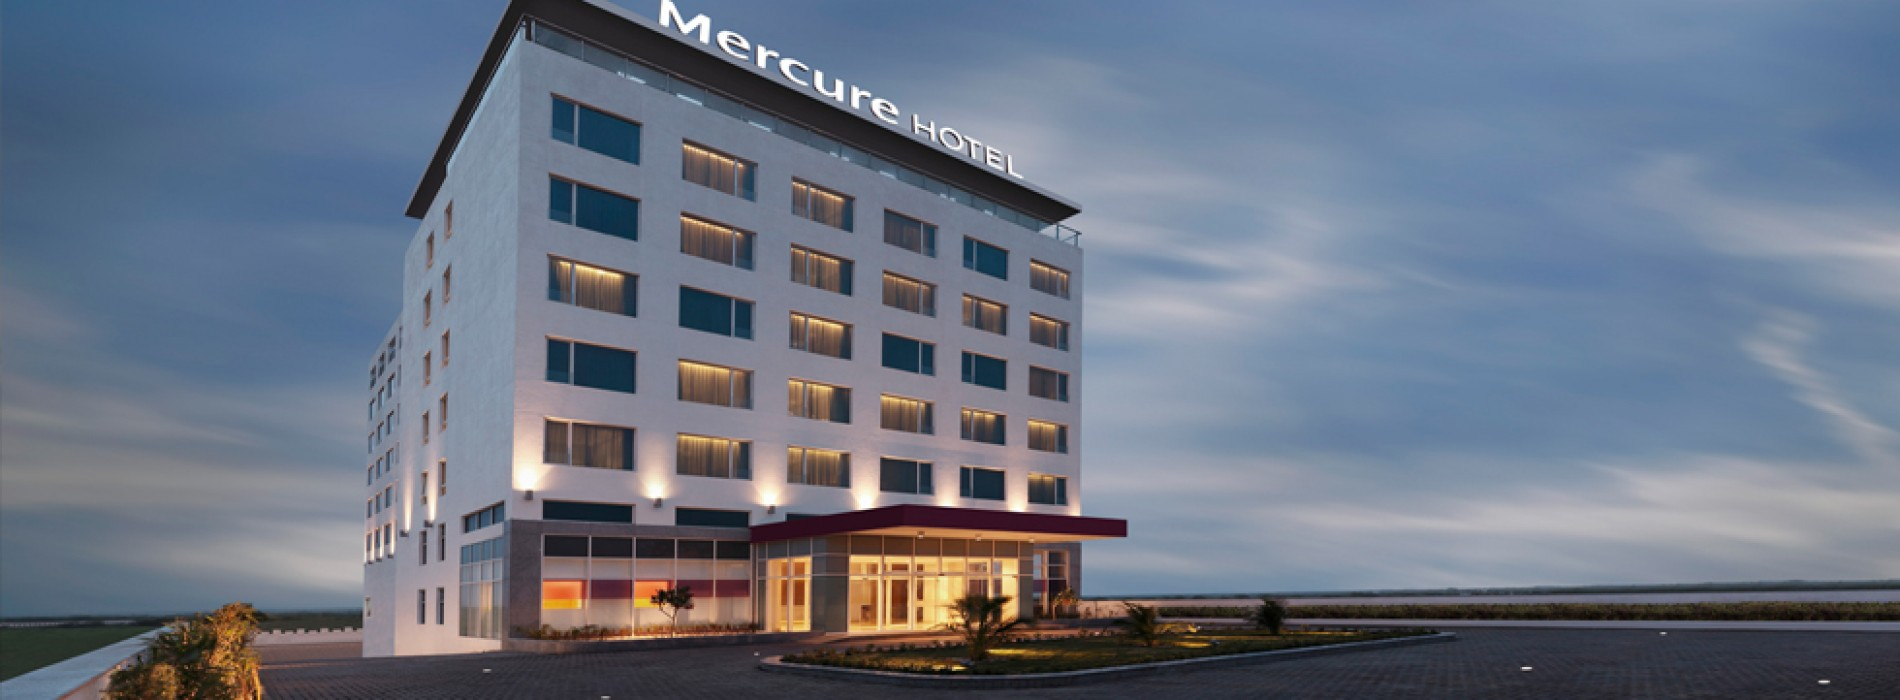 Dwarka gets its first Mercure hotel